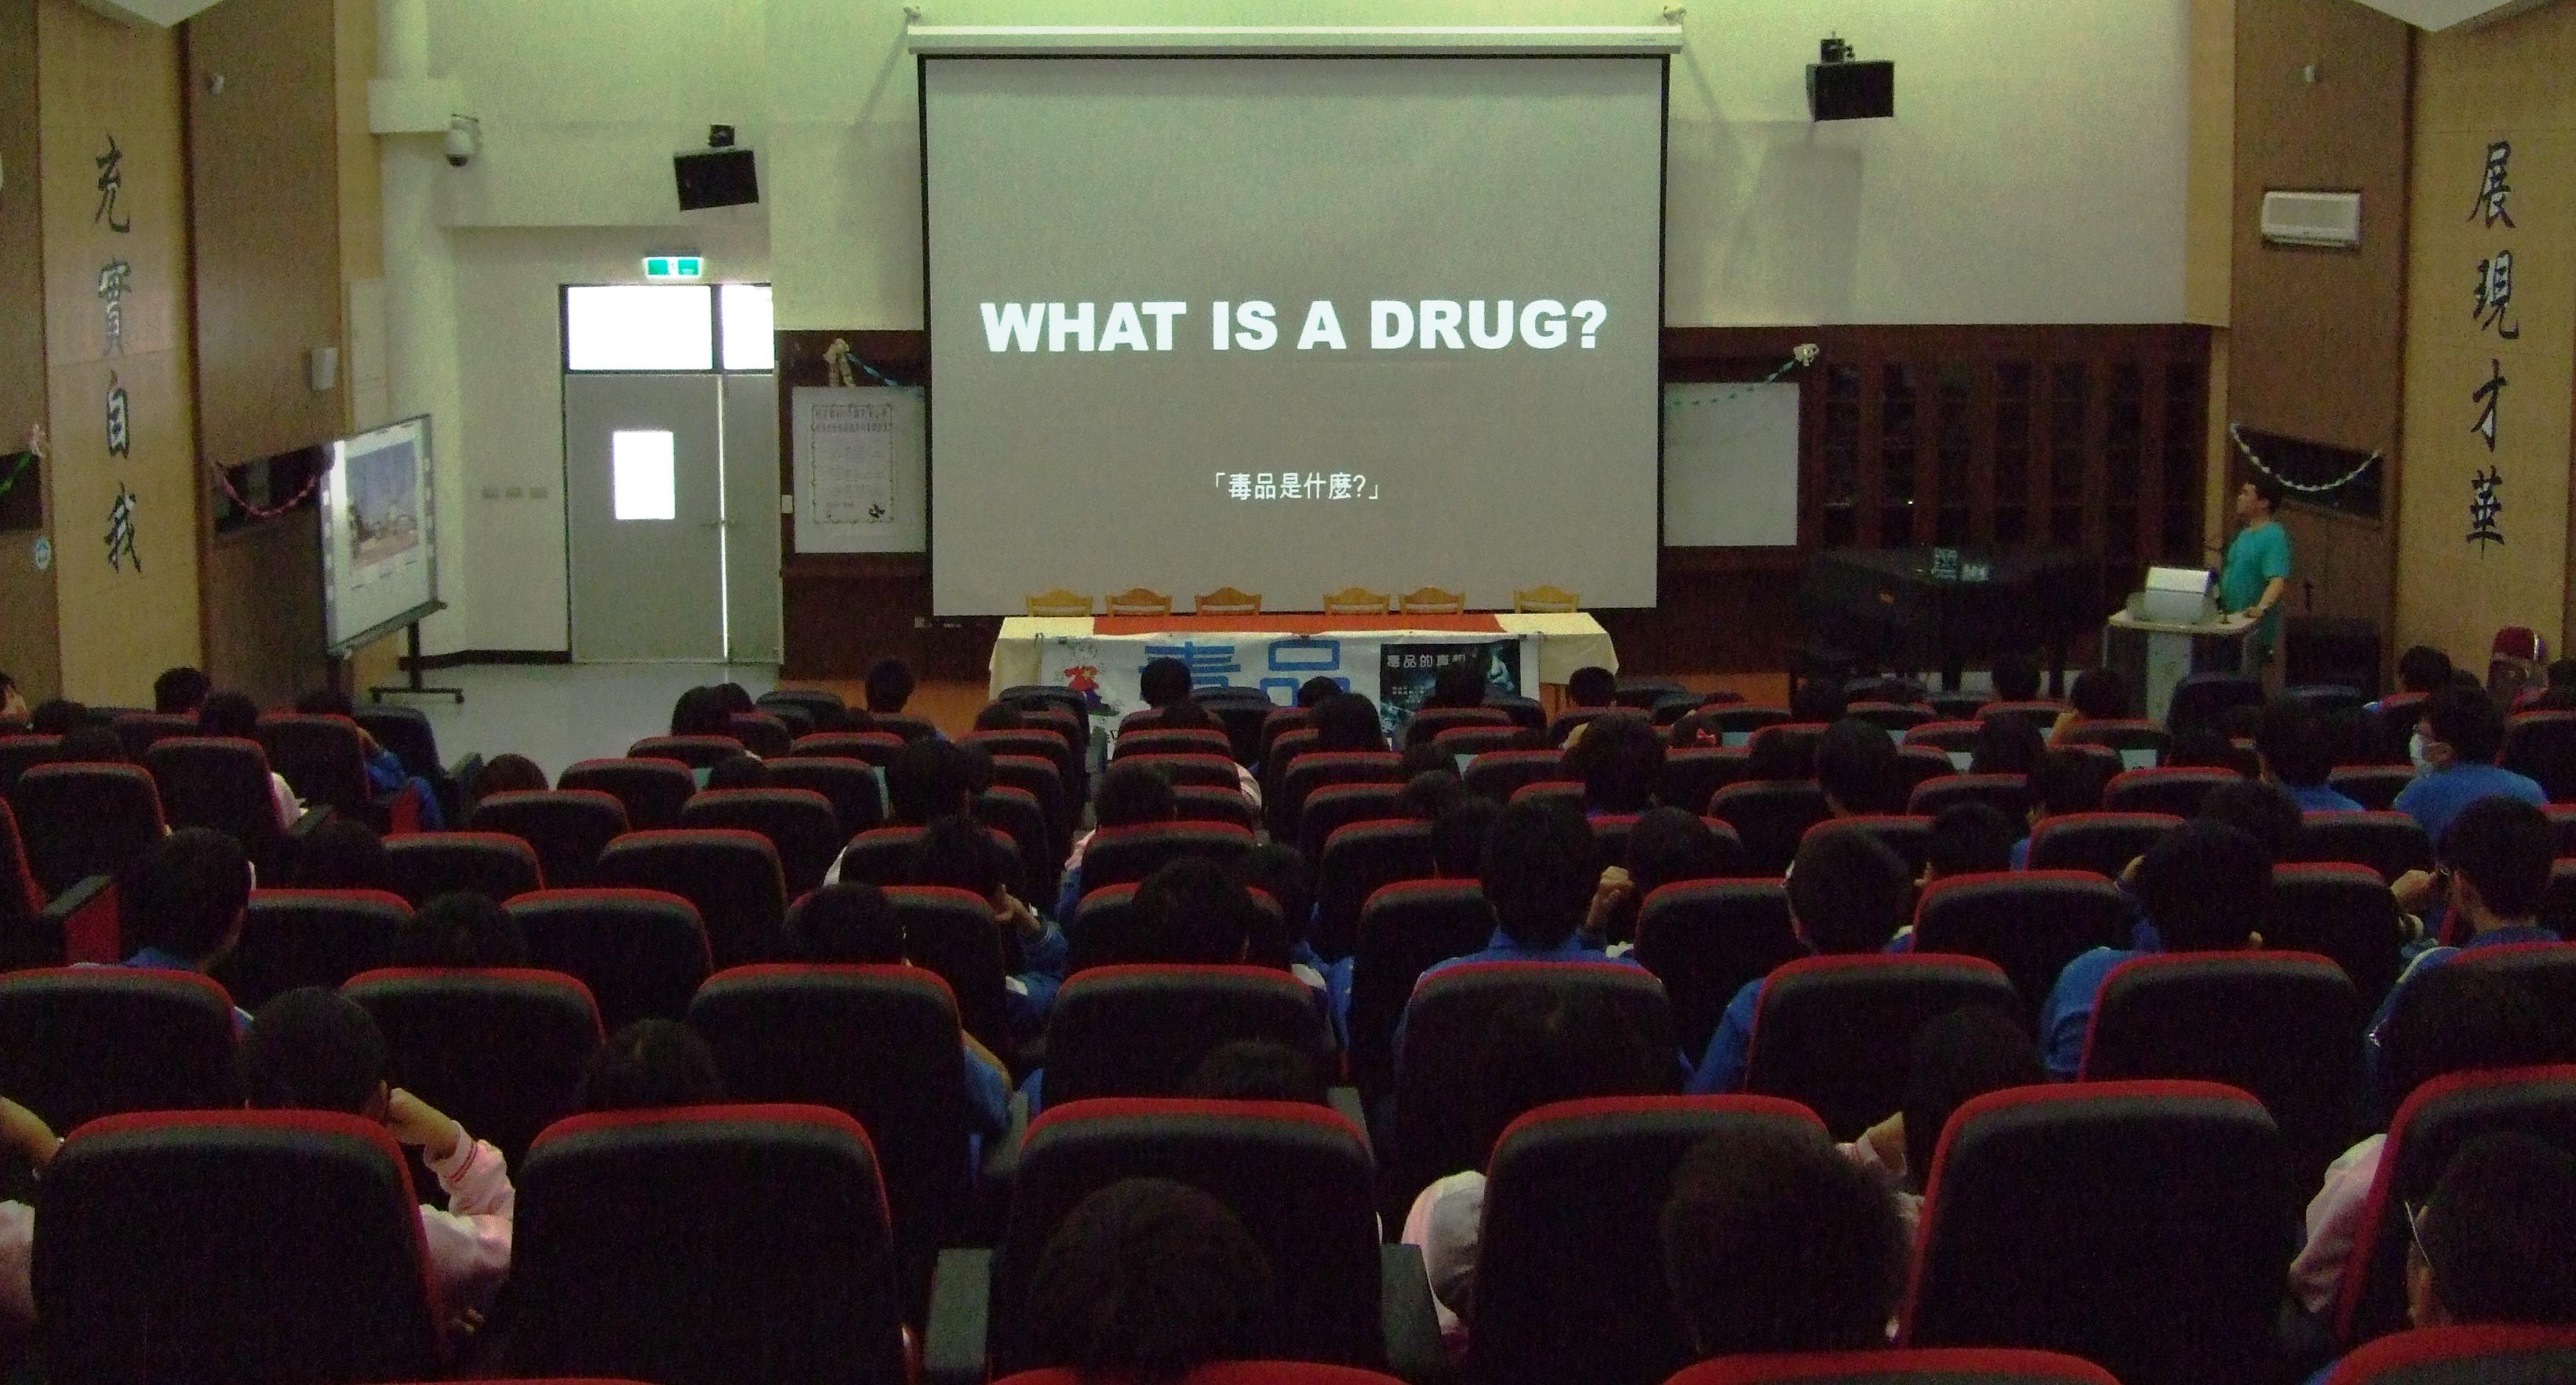 毒品威力不容小覷,勿讓毒品有機可趁